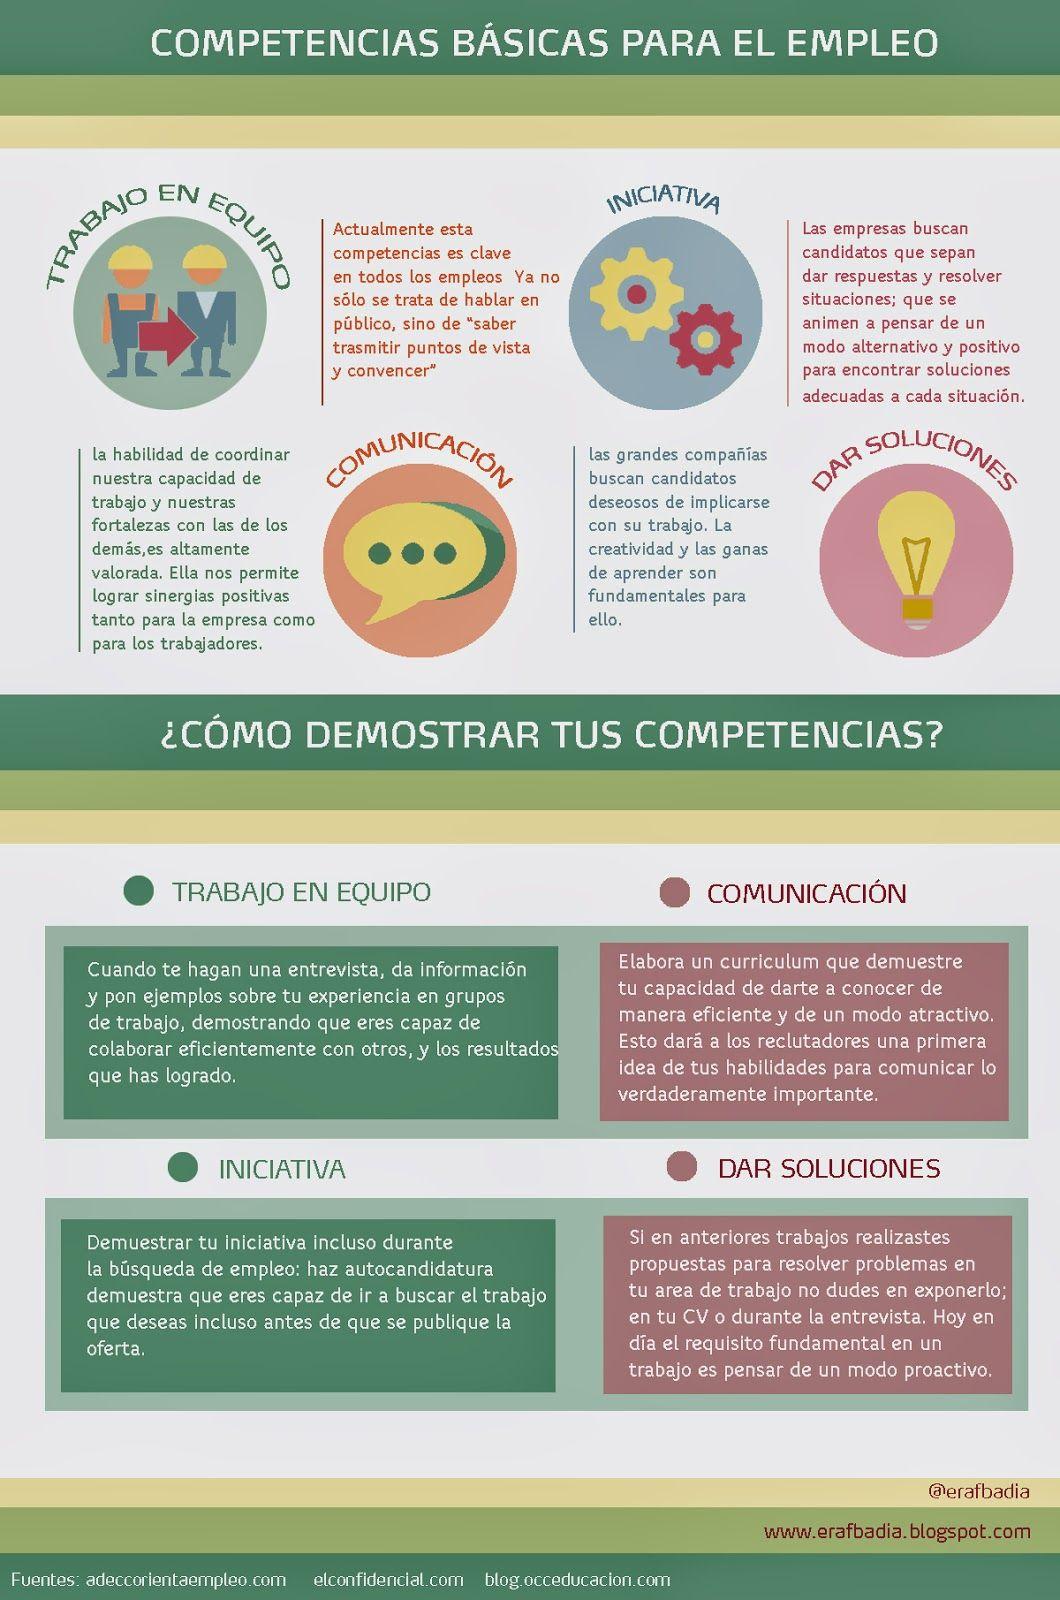 Competencias básicas para el empleo #infografia #infographic #empleo ...